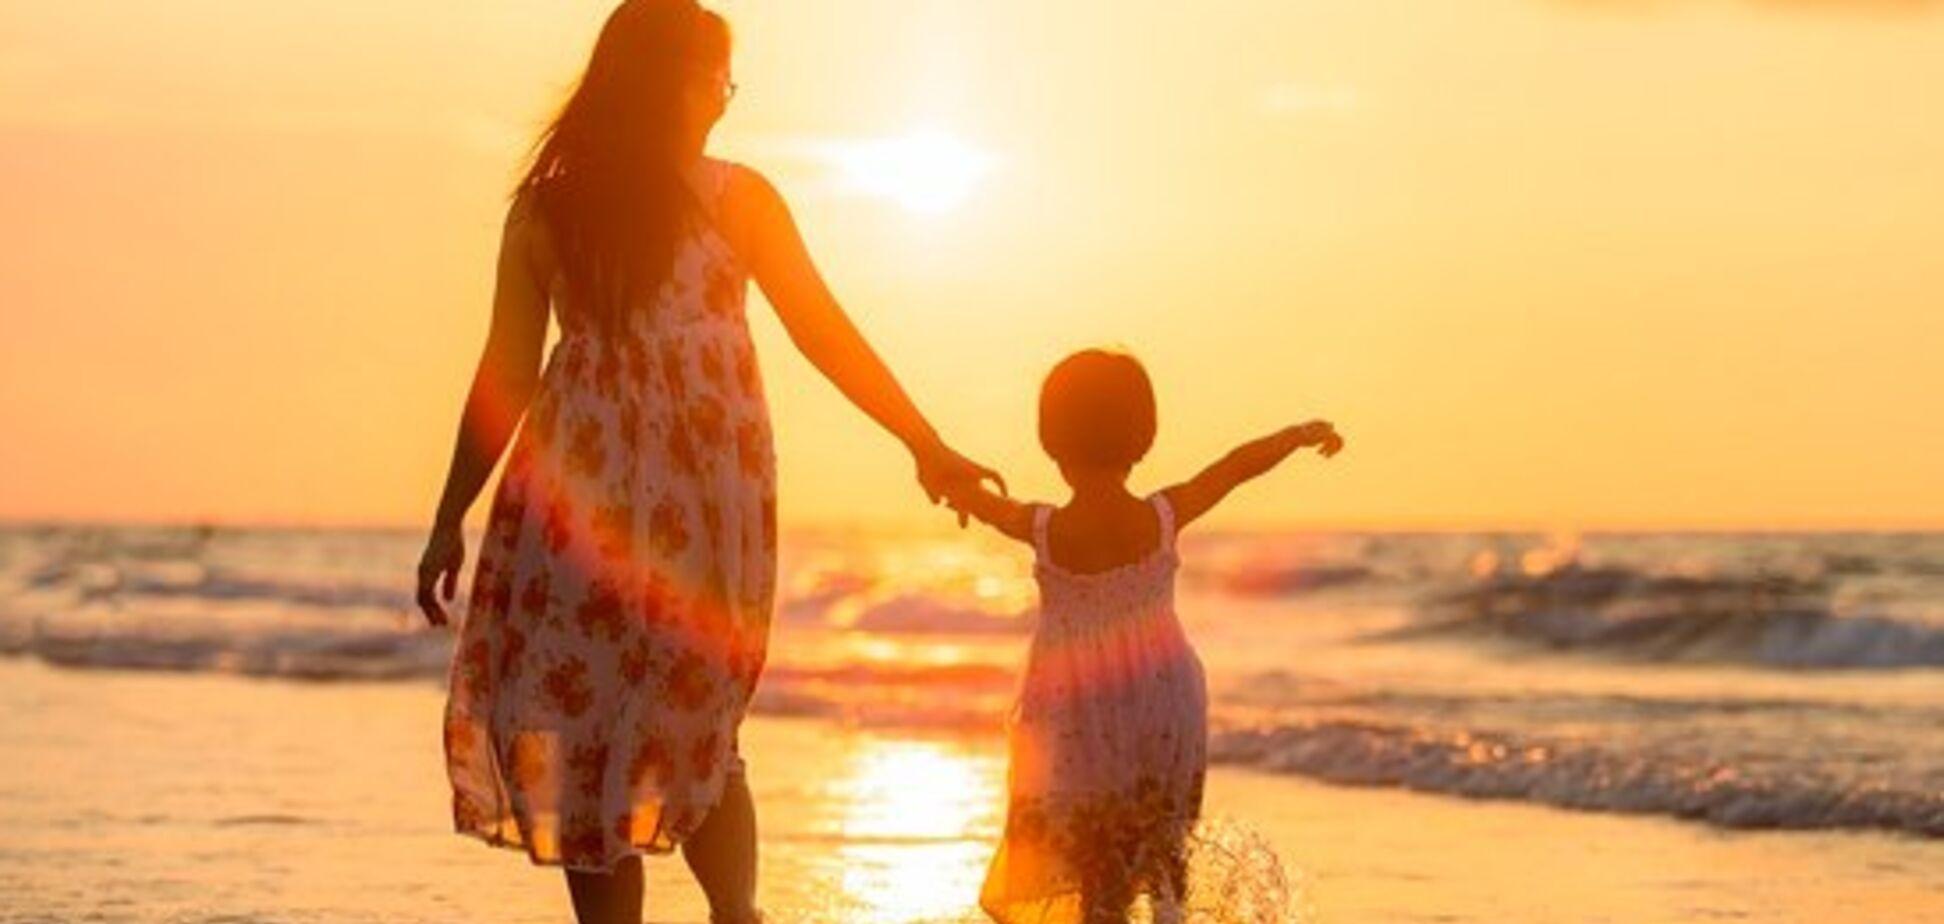 Основа долголетия: роль кишечника в биологическом возрасте человека